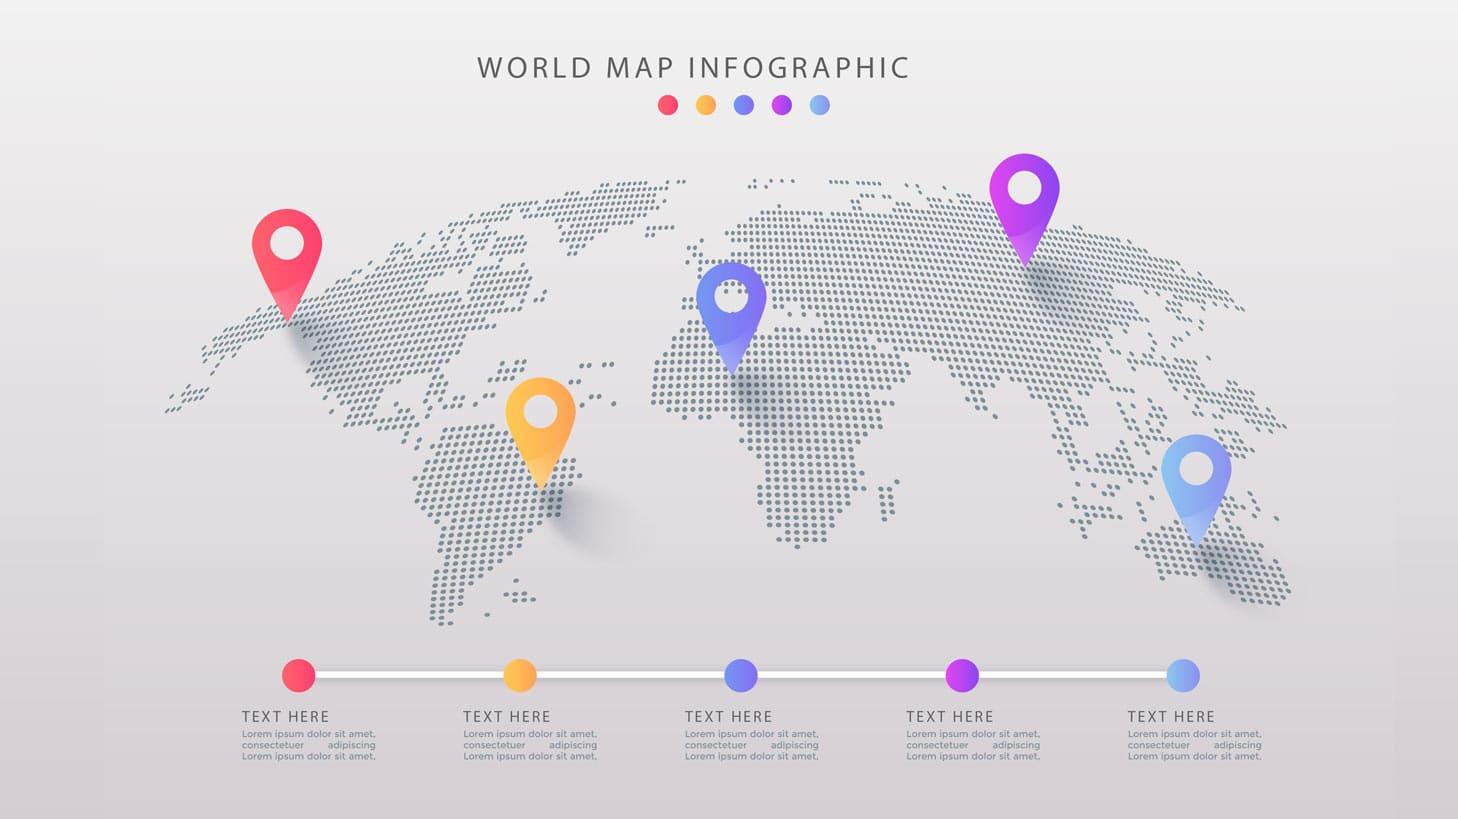 اینفوگرافیک نقشه جهان